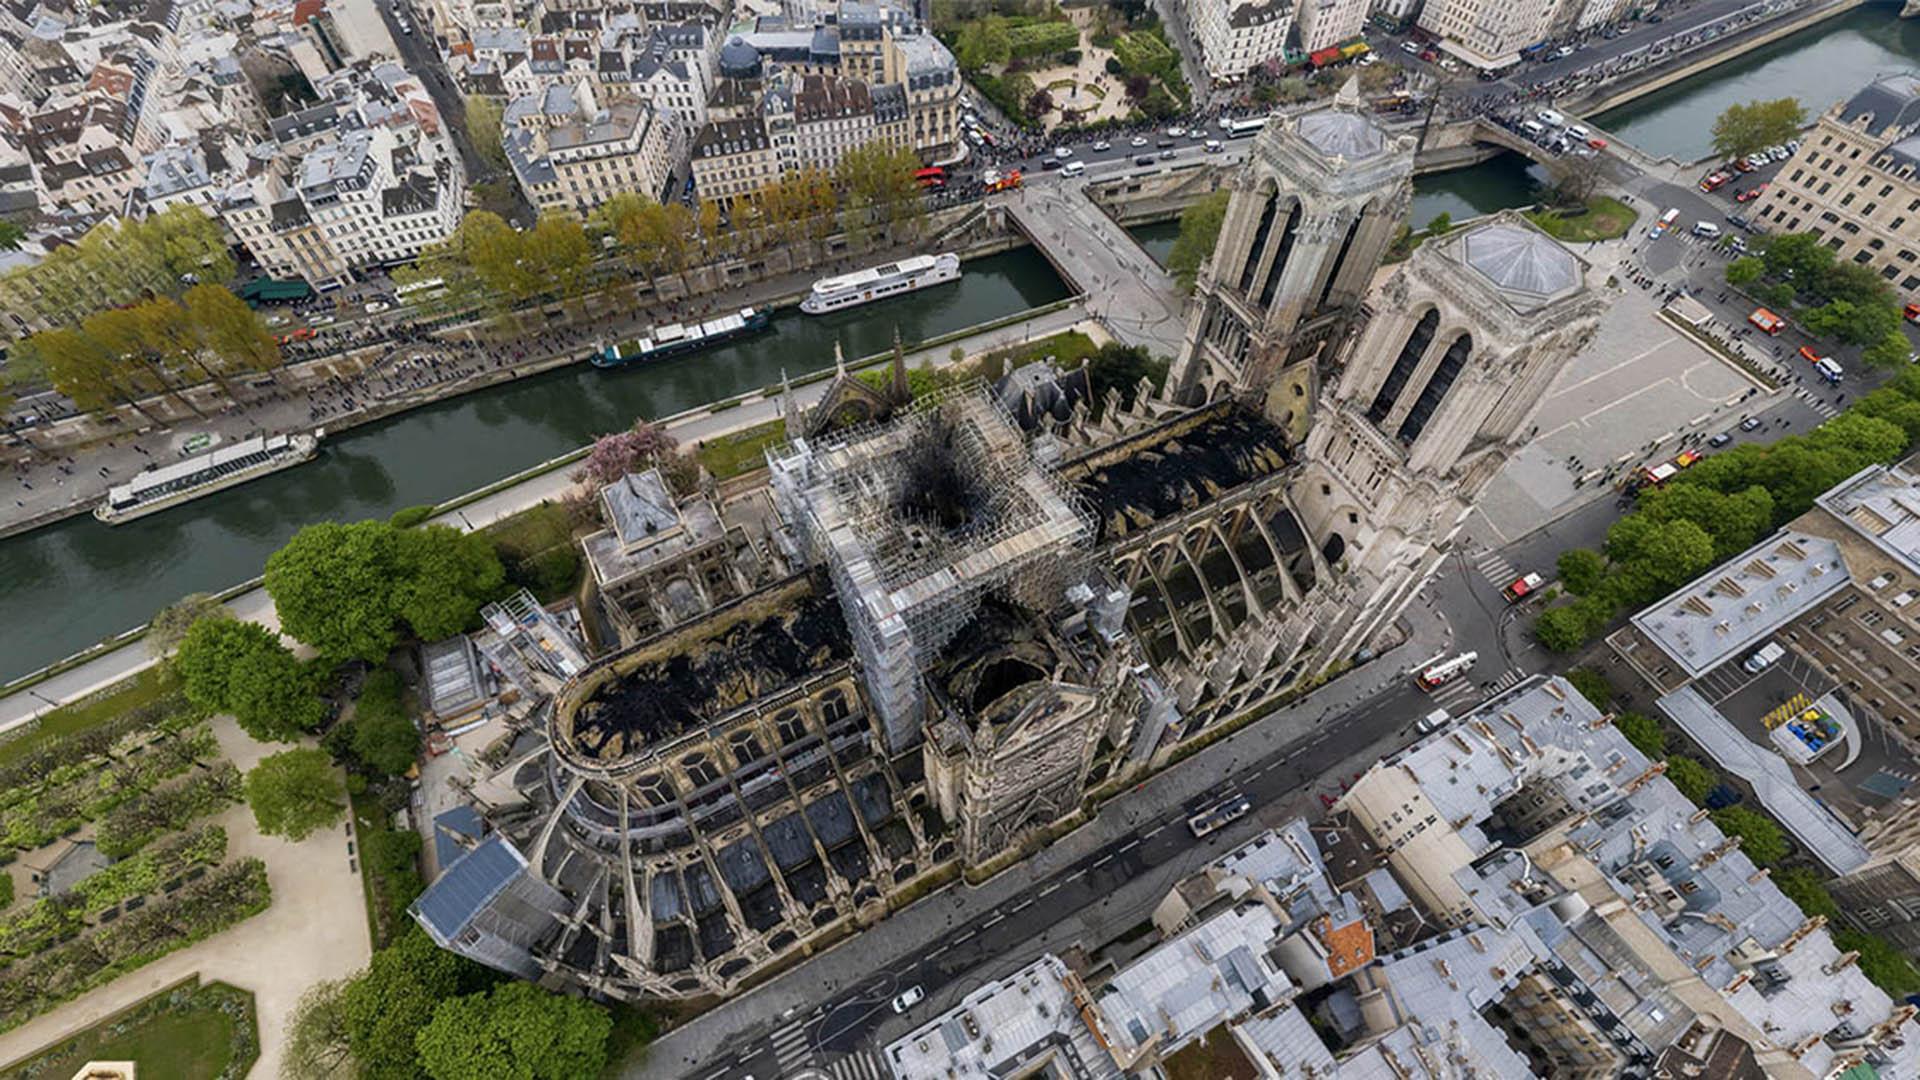 De qué manera habrá de ser la restauración es una parte de un discute que confronta a especialistas de todo el planeta